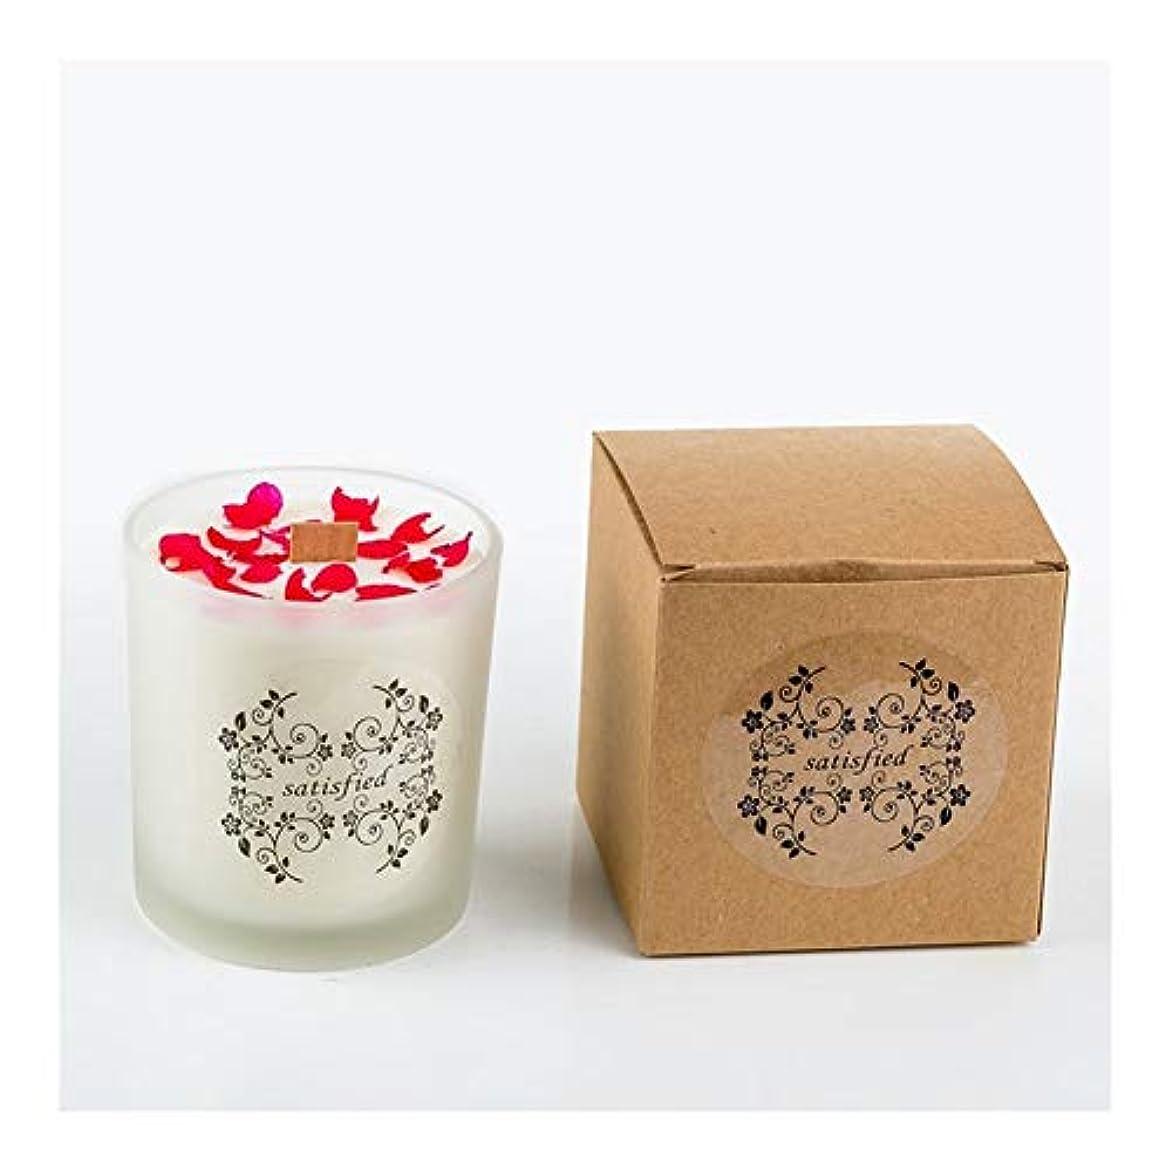 乳白色適合する哲学Ztian ロマンチックな香りのキャンドルエッセンシャルオイル大豆ワックスガラスアロマセラピーロマンチックな誕生日ギフトの提案無煙の香り (色 : Xiang Xuelan)